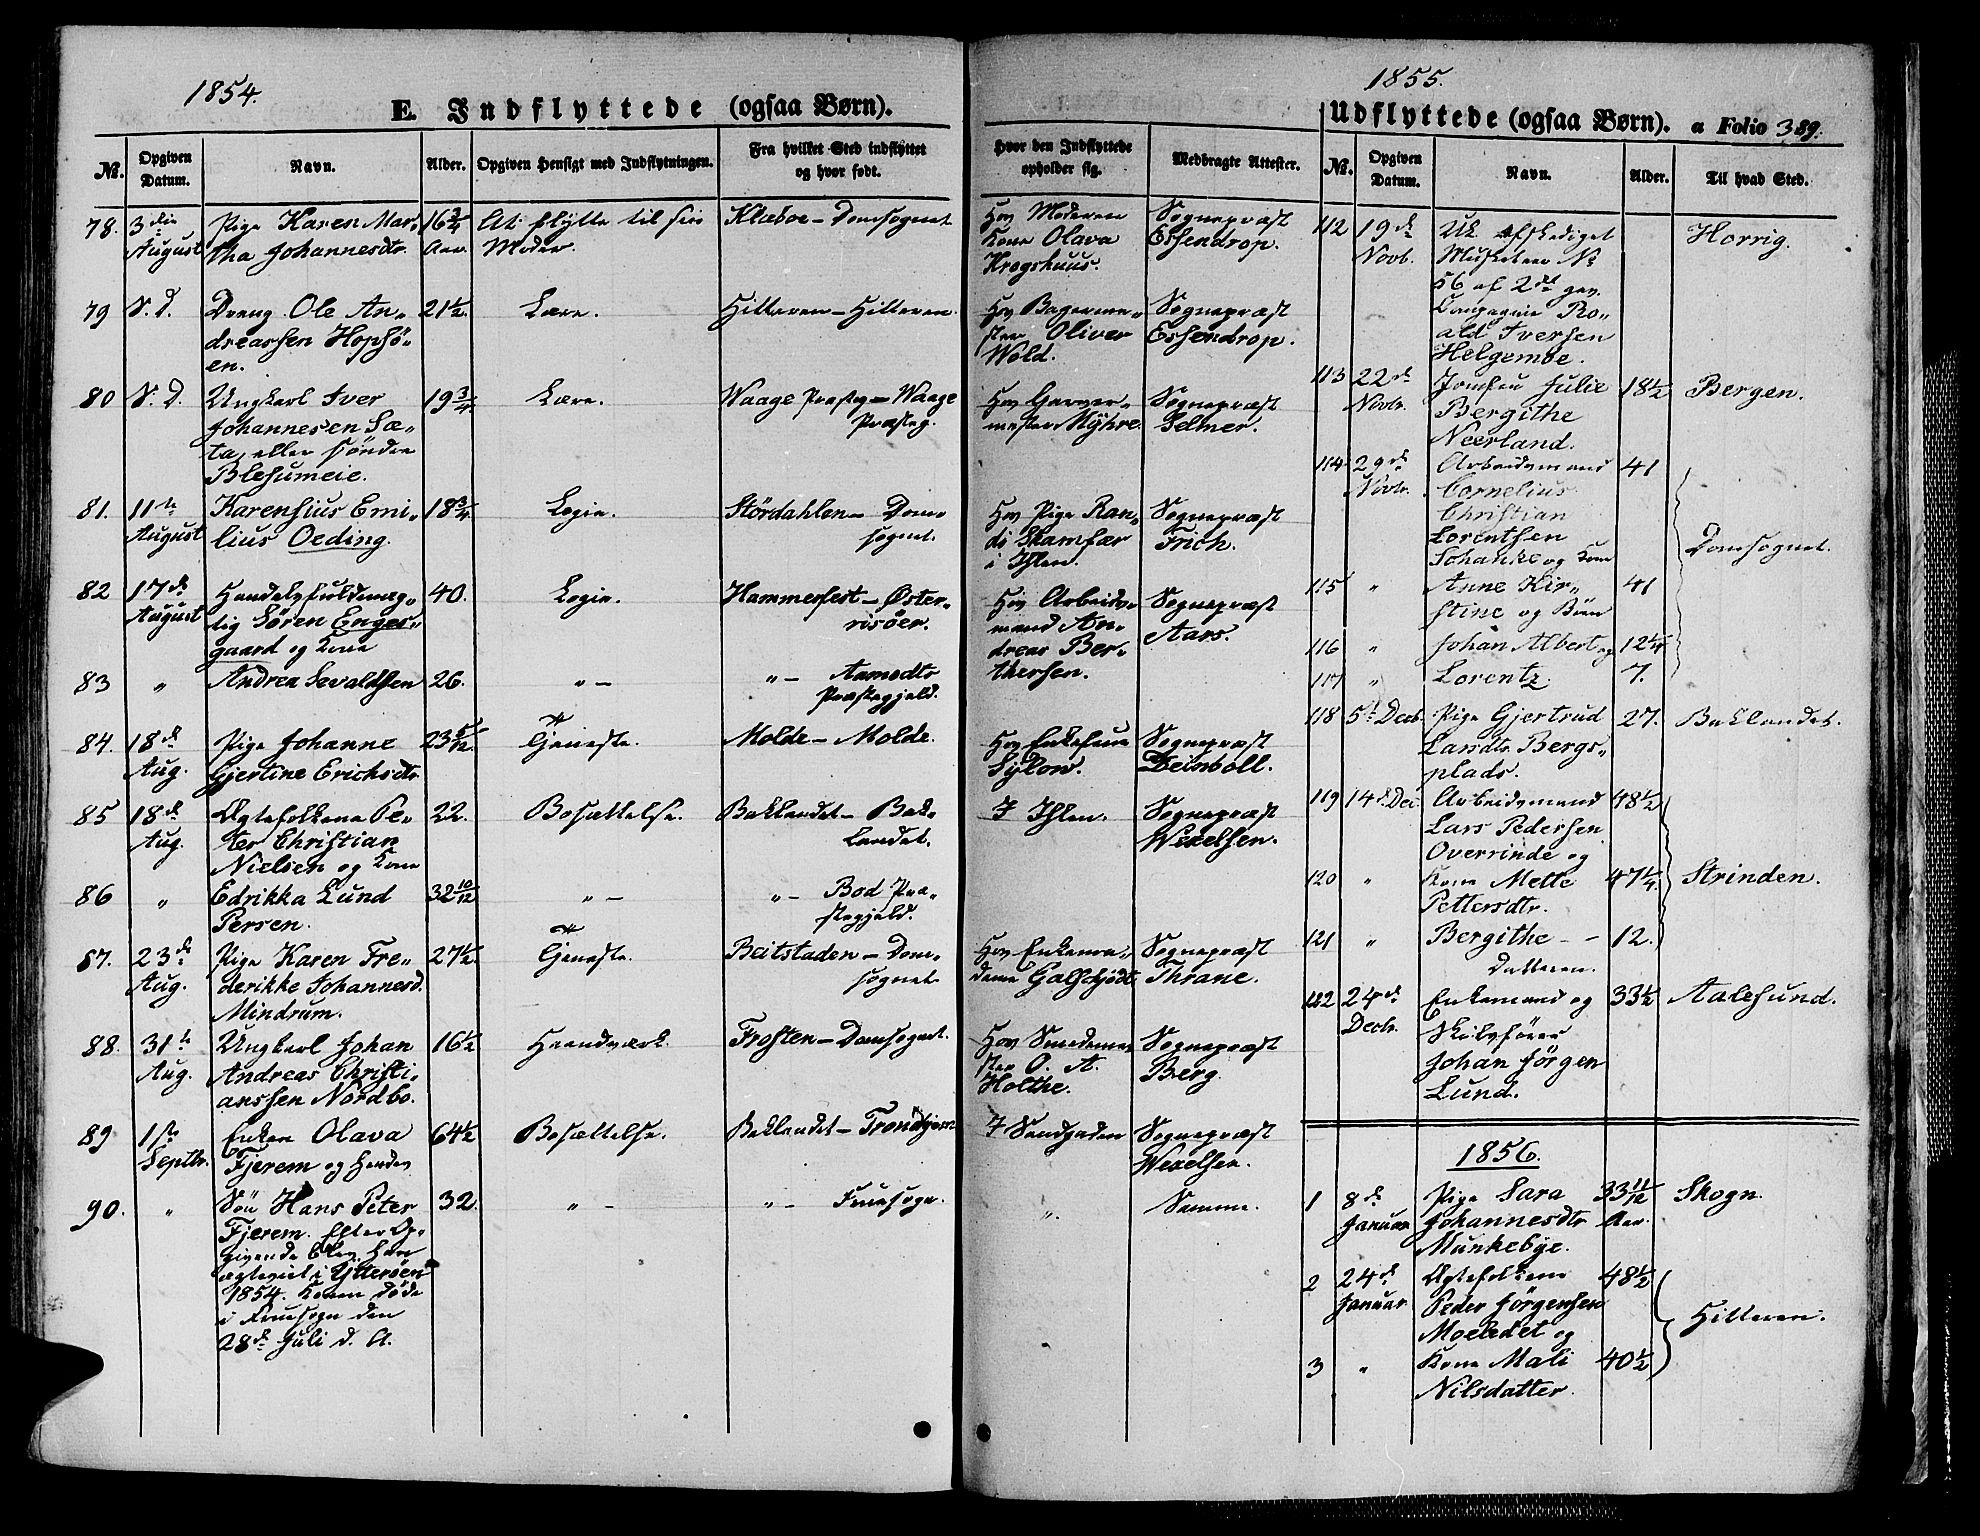 SAT, Ministerialprotokoller, klokkerbøker og fødselsregistre - Sør-Trøndelag, 602/L0137: Klokkerbok nr. 602C05, 1846-1856, s. 389